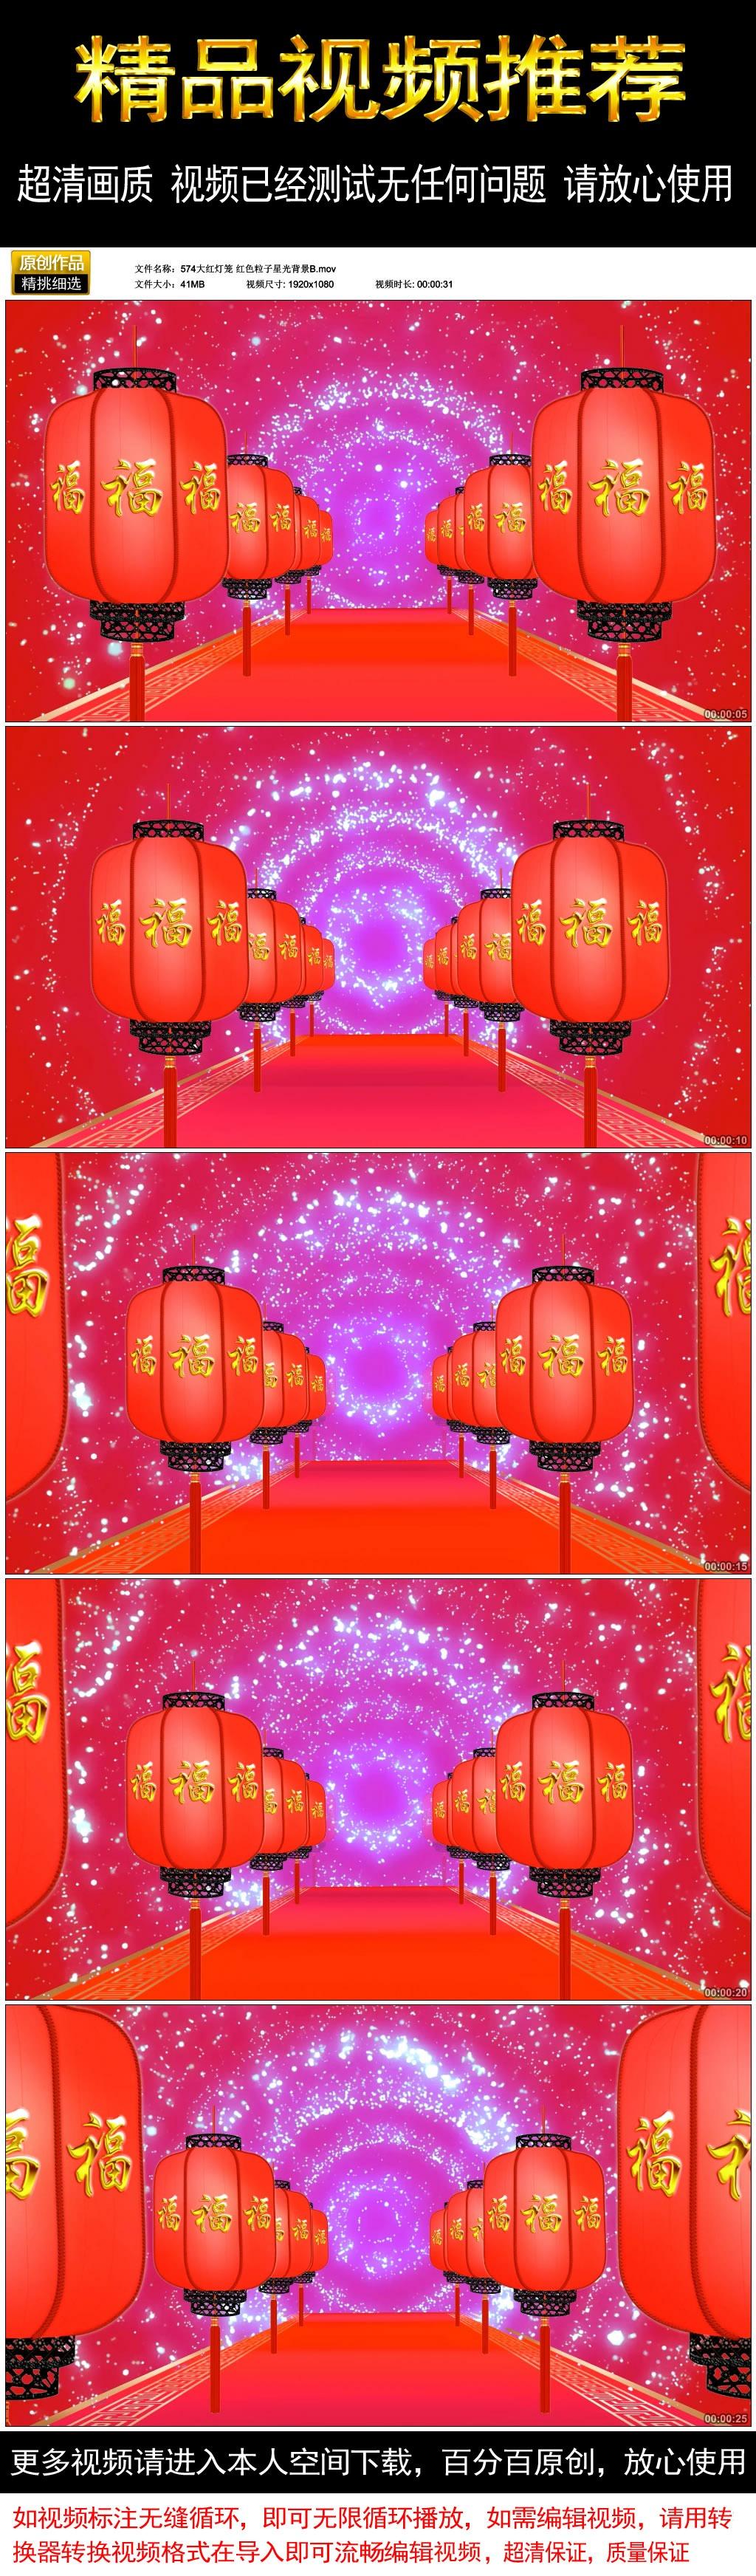 节日灯笼队列模板下载 11834908 节日视频 AE模版